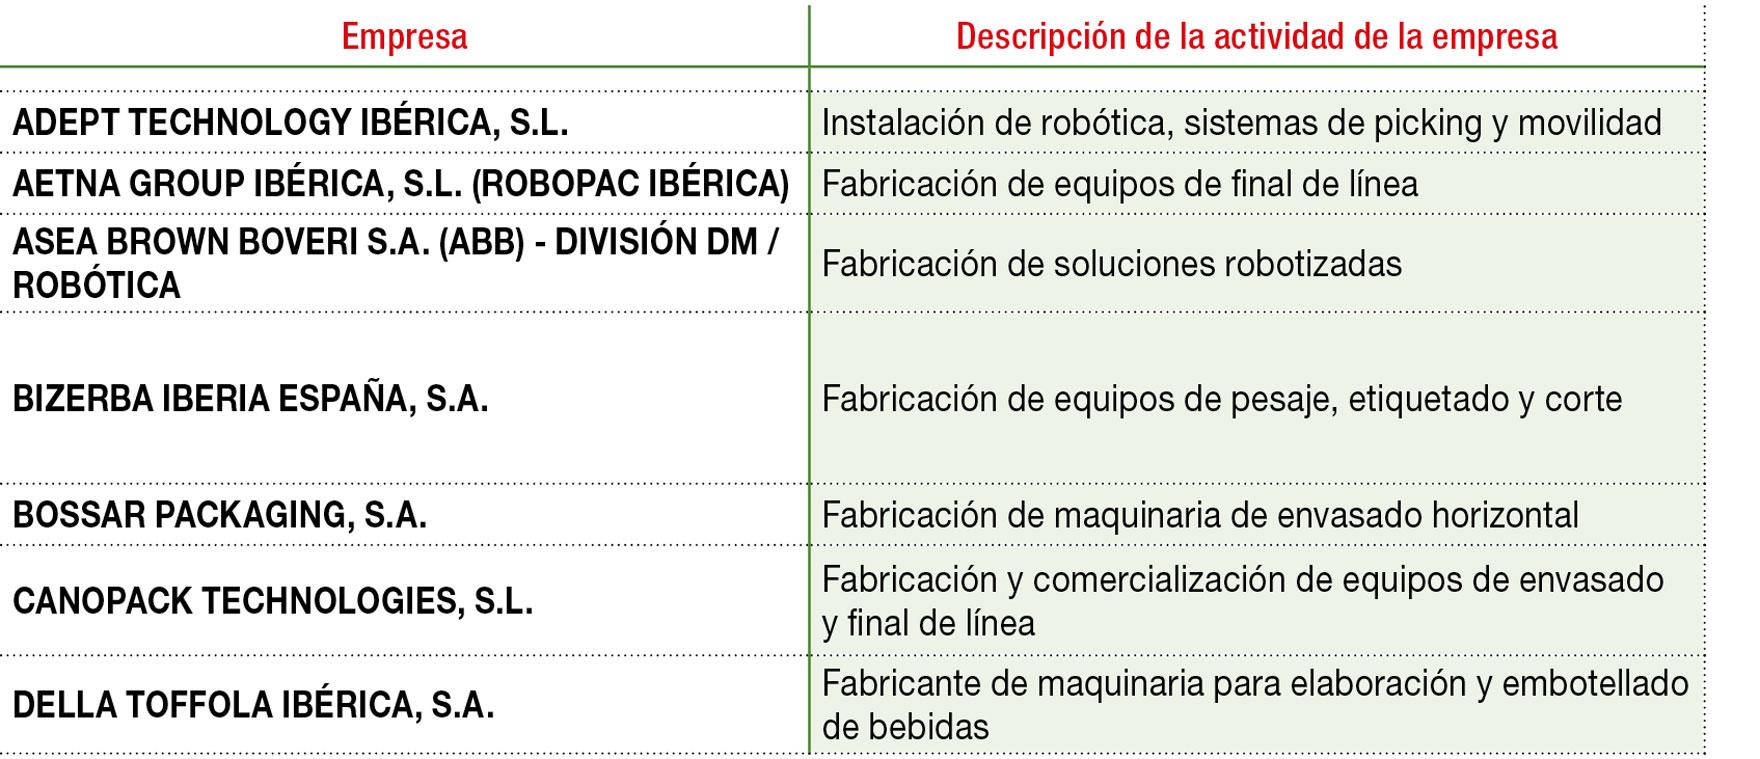 Proveedores de equipamiento y soluciones 4.0 presentes en el mercado español